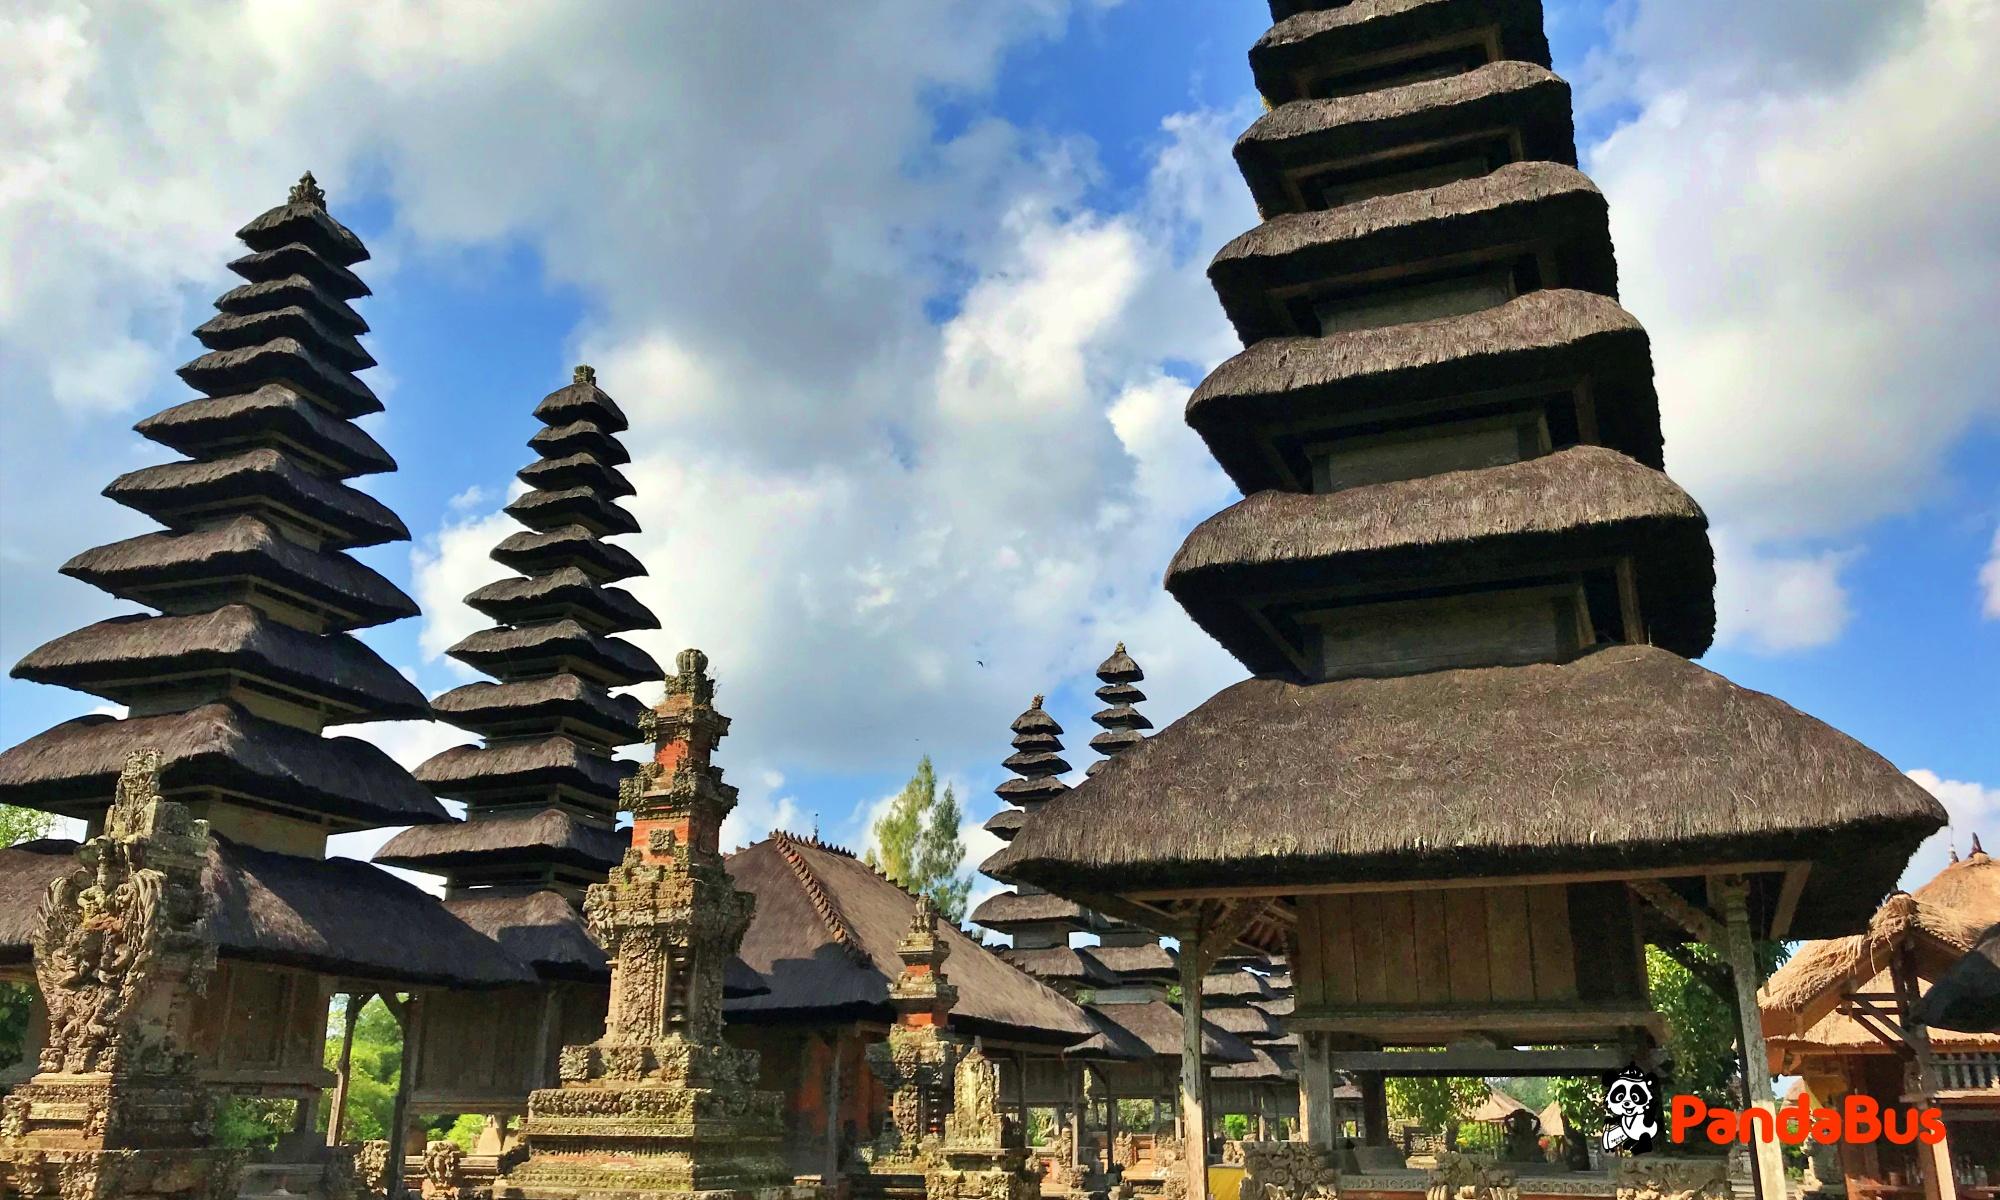 世界遺産『タマンアユン寺院』見学(約40分)